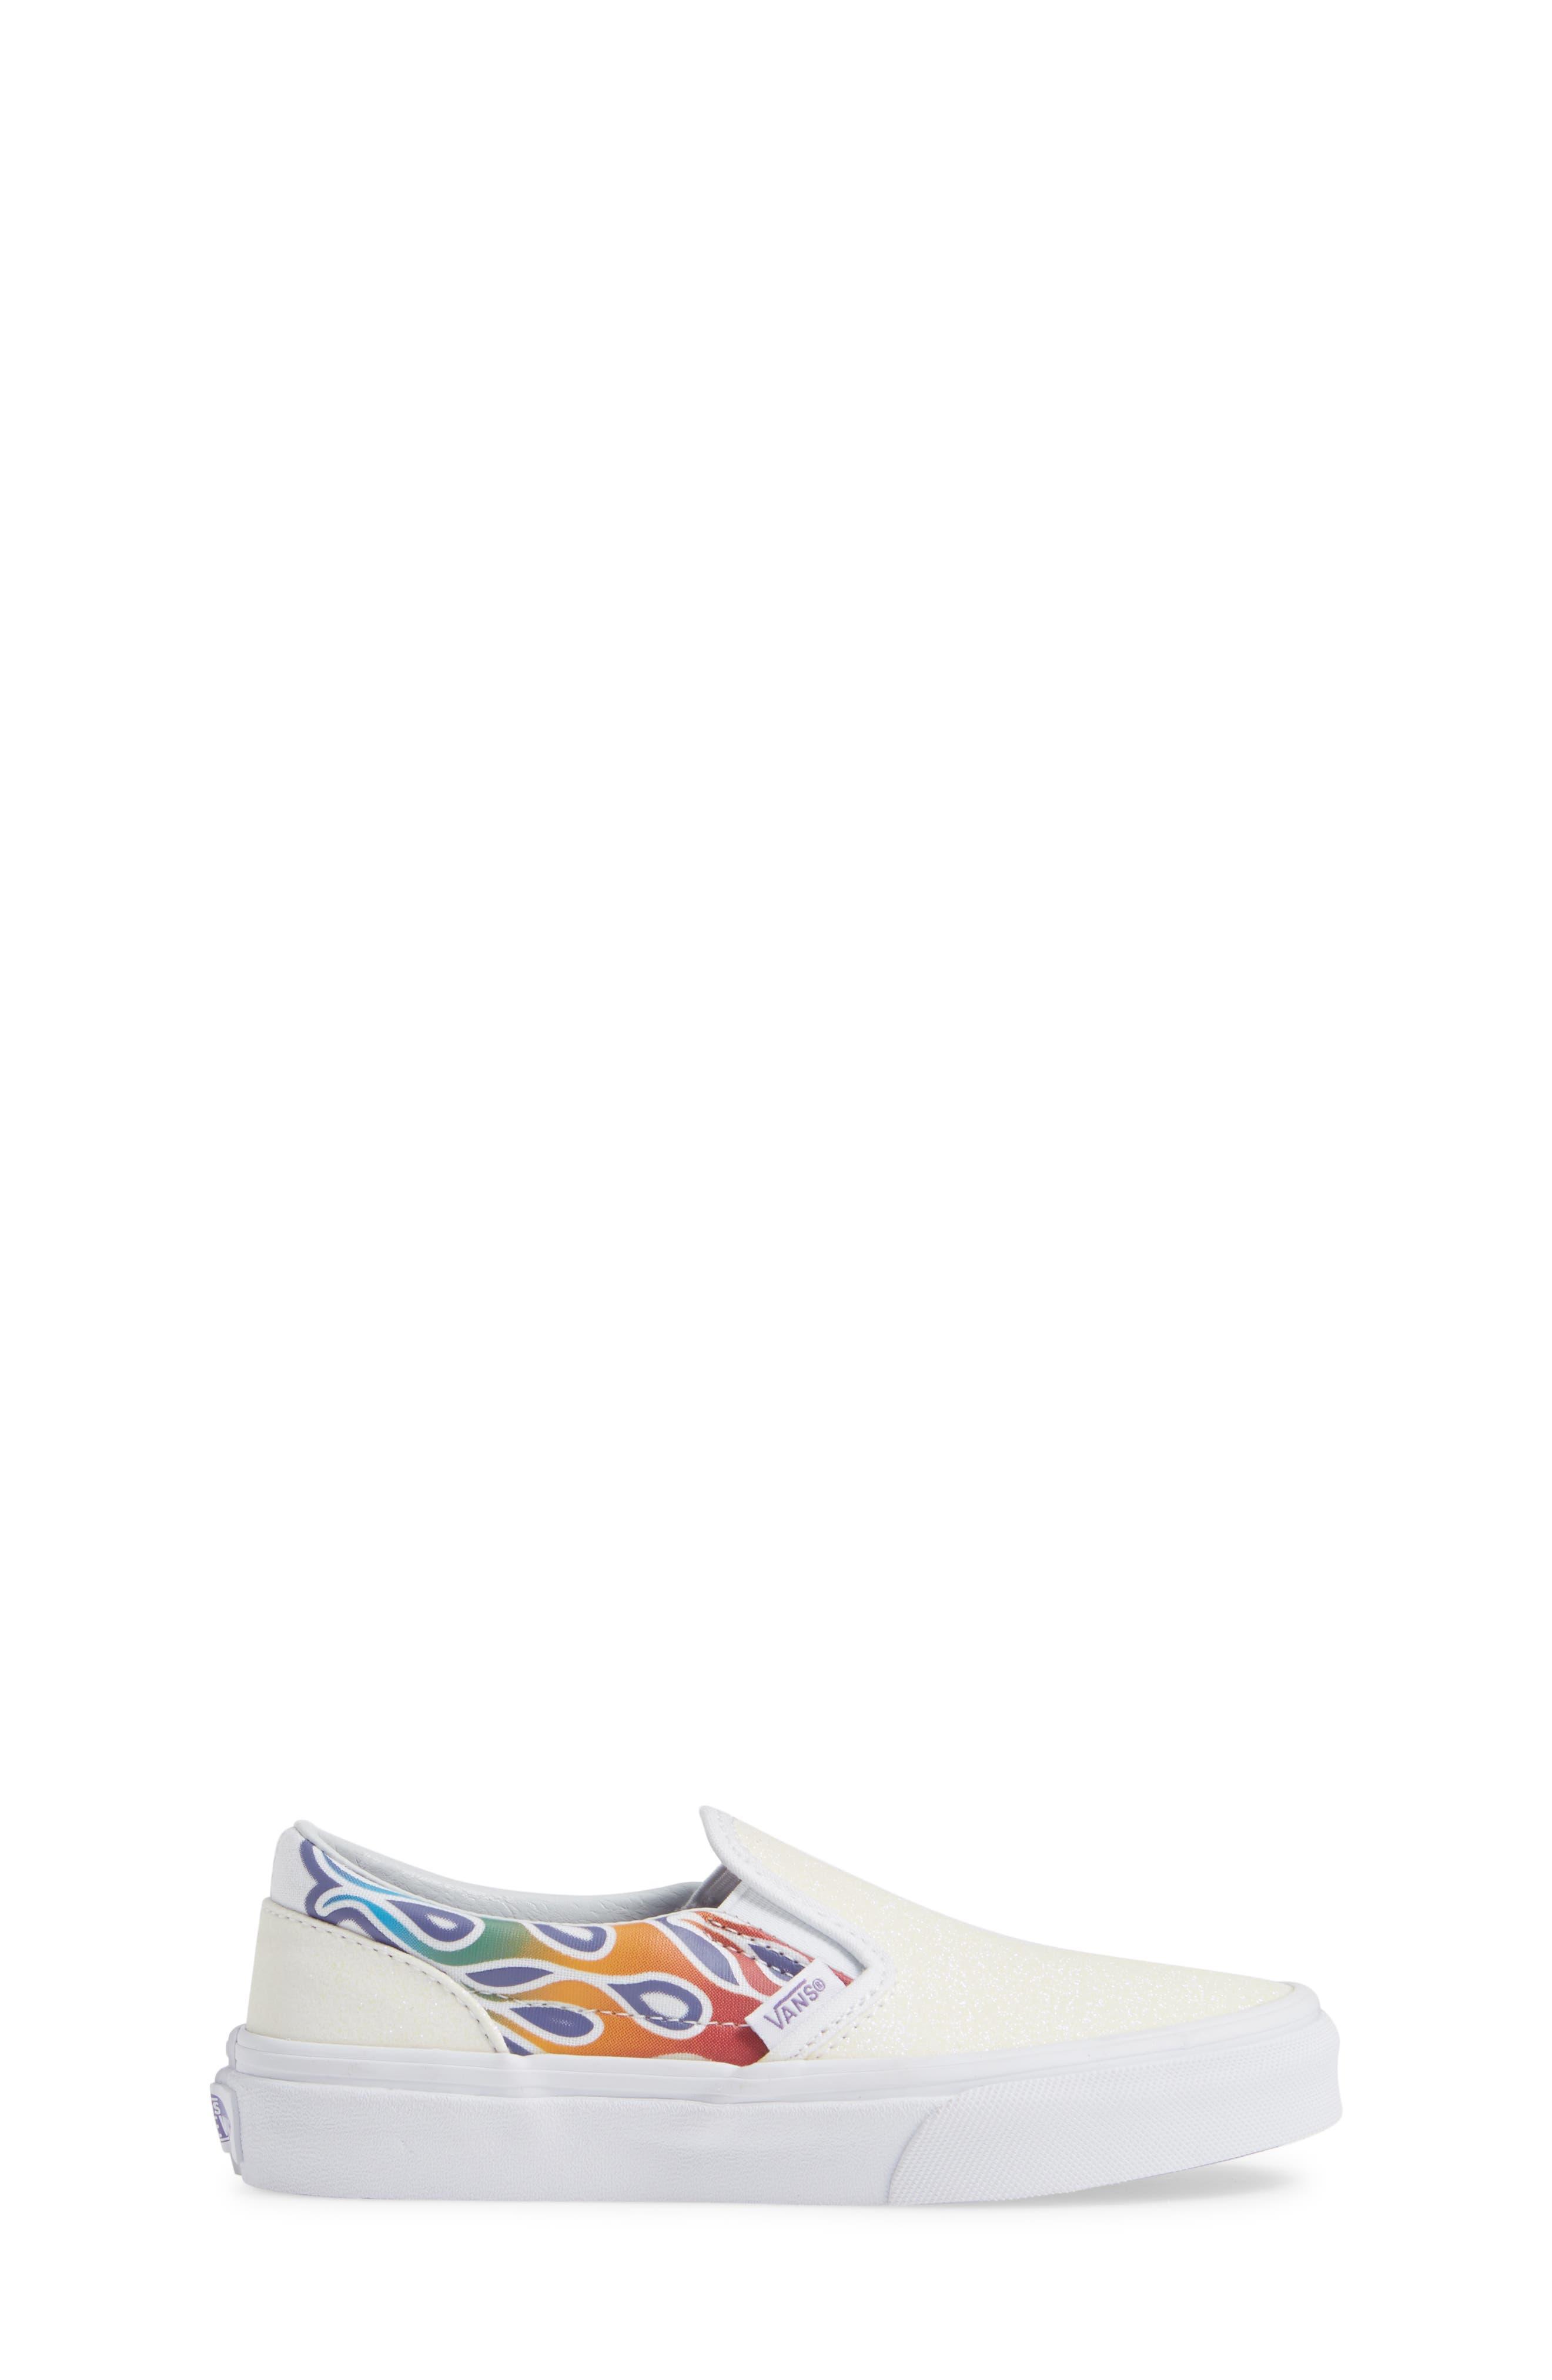 VANS,                             Classic Slip-On Glitter Sneaker,                             Alternate thumbnail 3, color,                             110